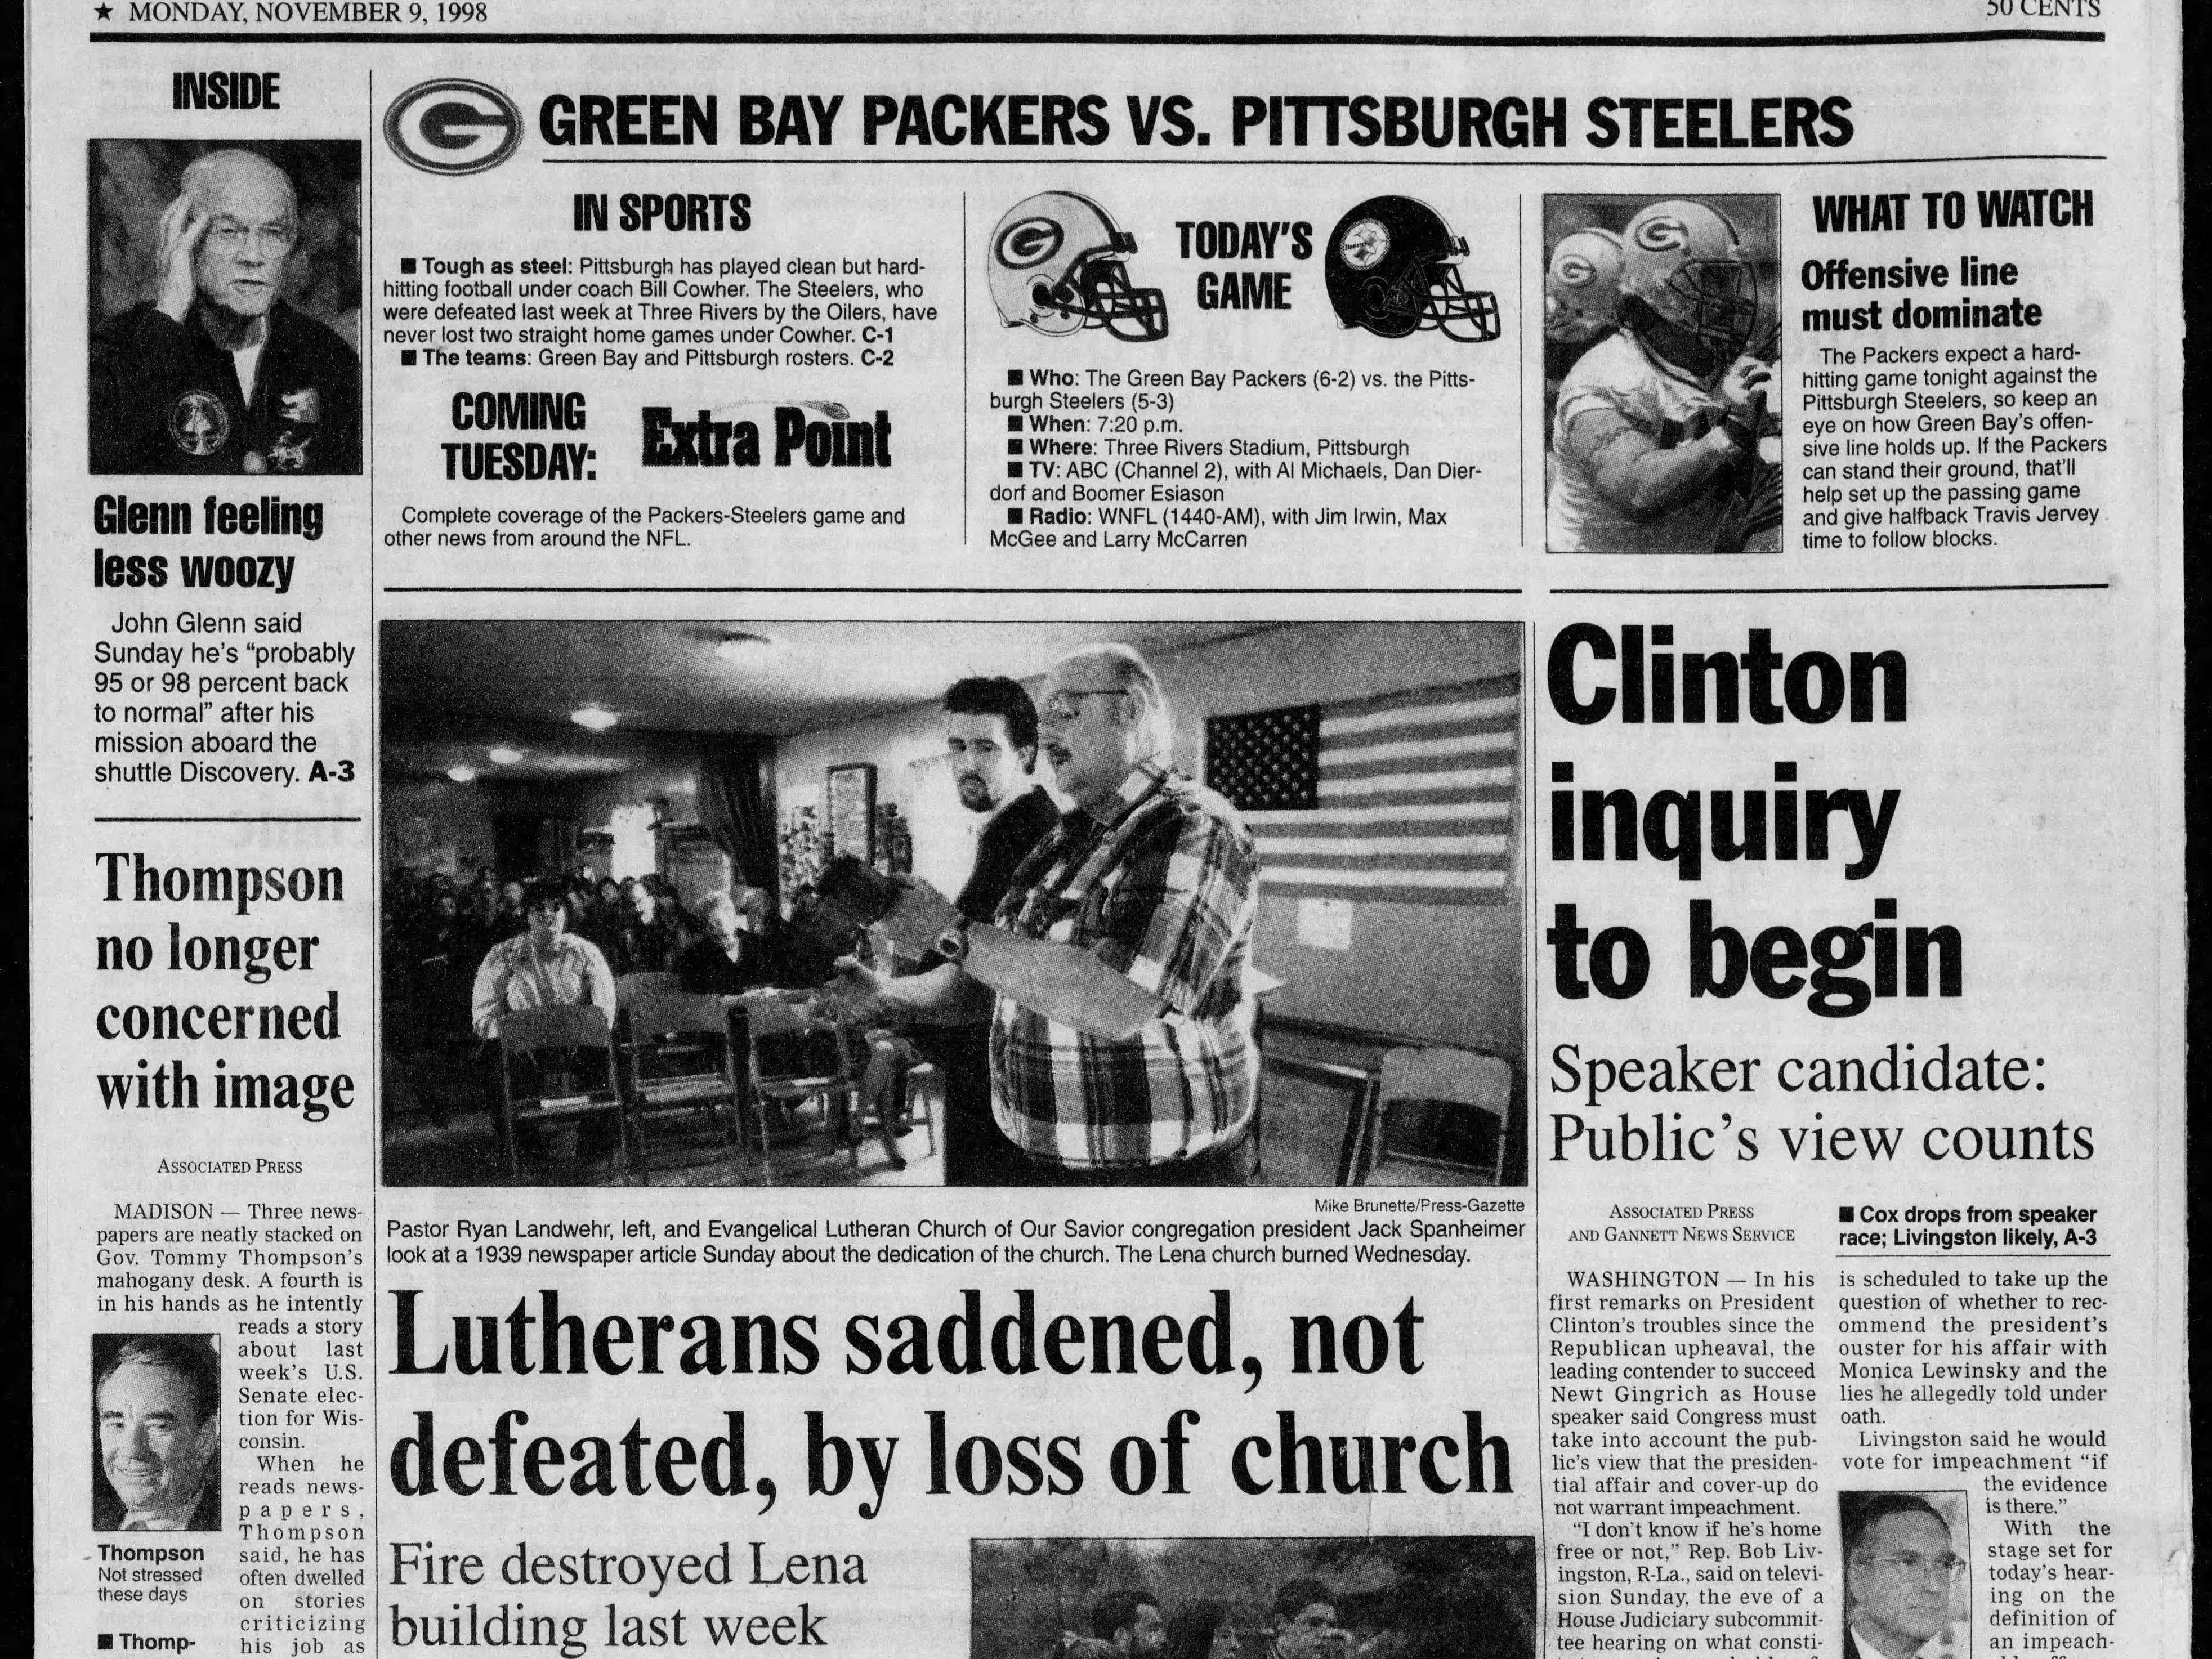 Today in History: Nov. 9, 1998